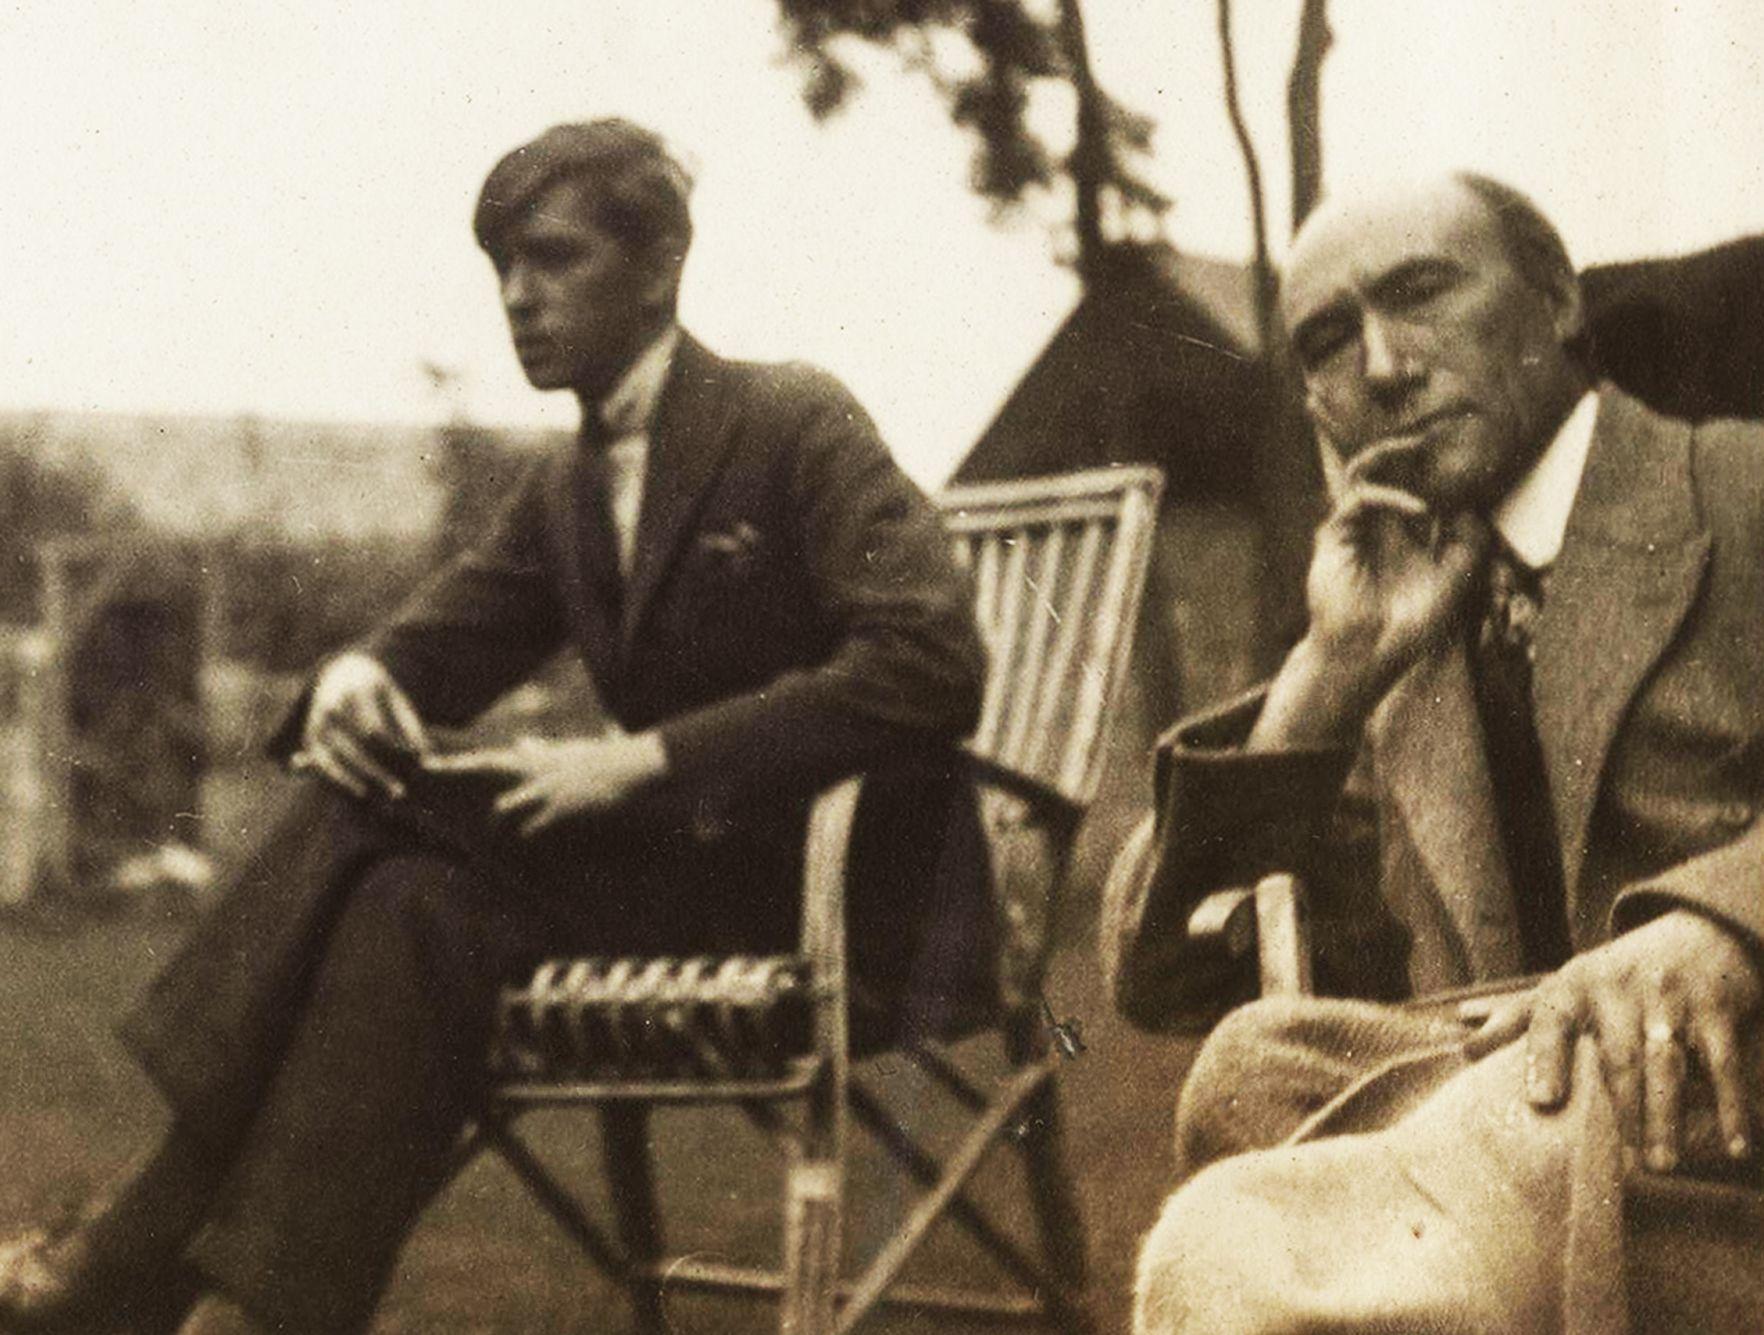 Marc Allégret & André Gide (1920)